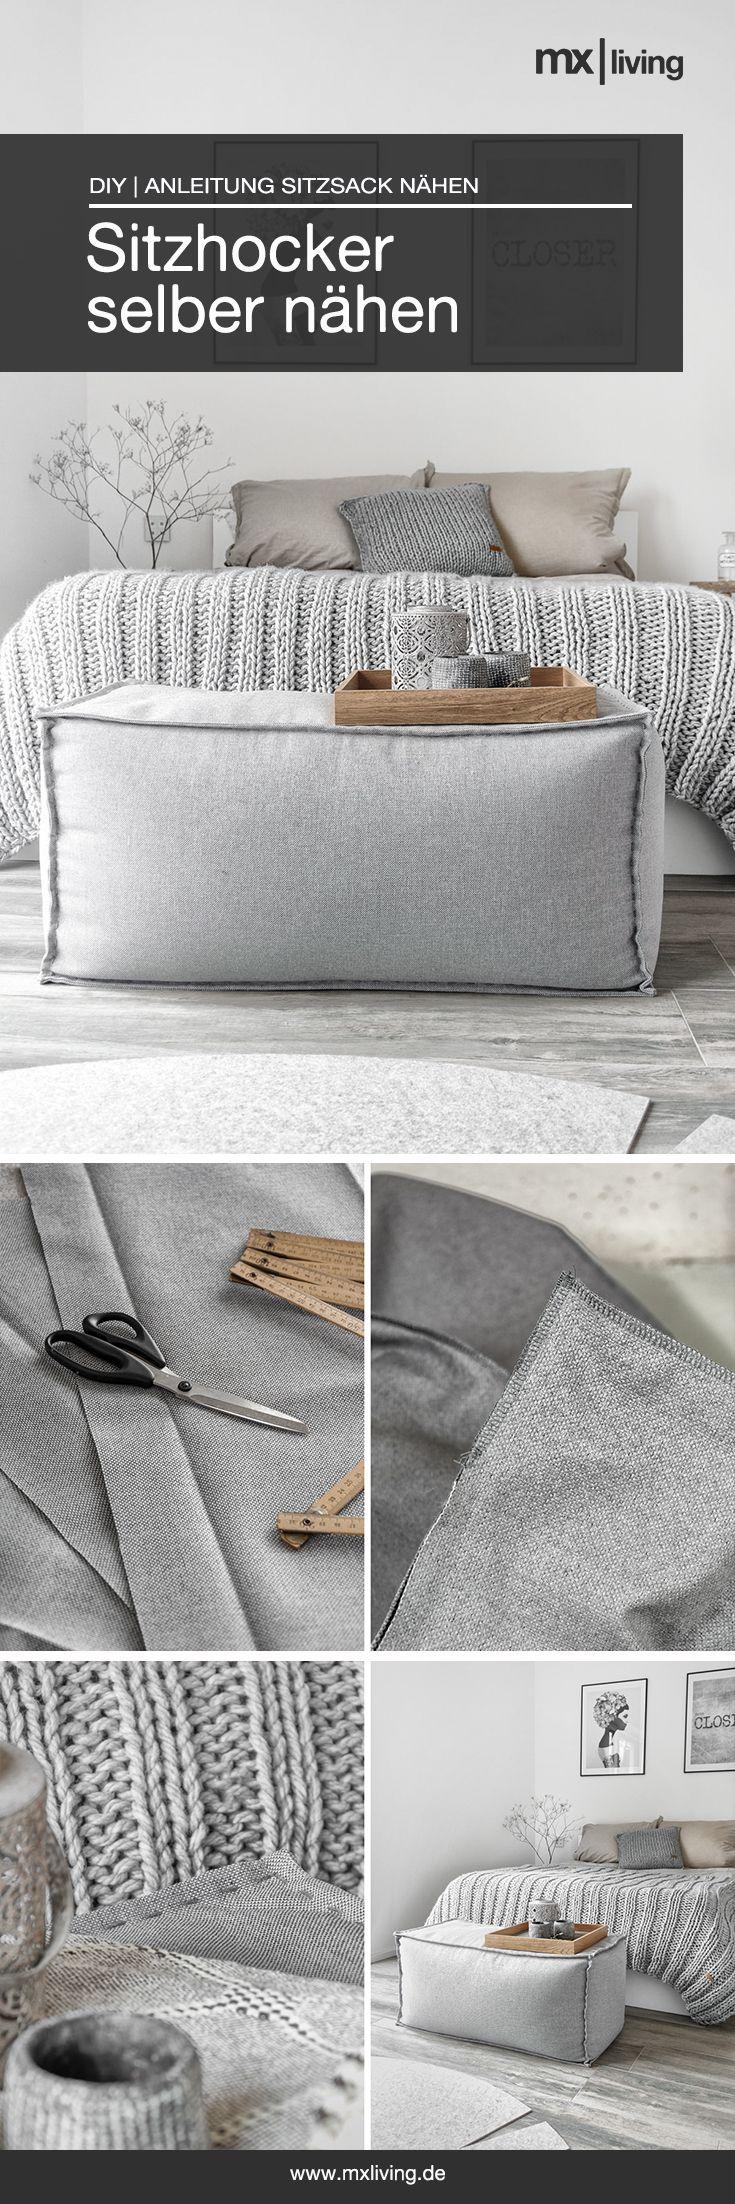 diy pinterest sitzhocker selbst gen ht und n hanleitung. Black Bedroom Furniture Sets. Home Design Ideas